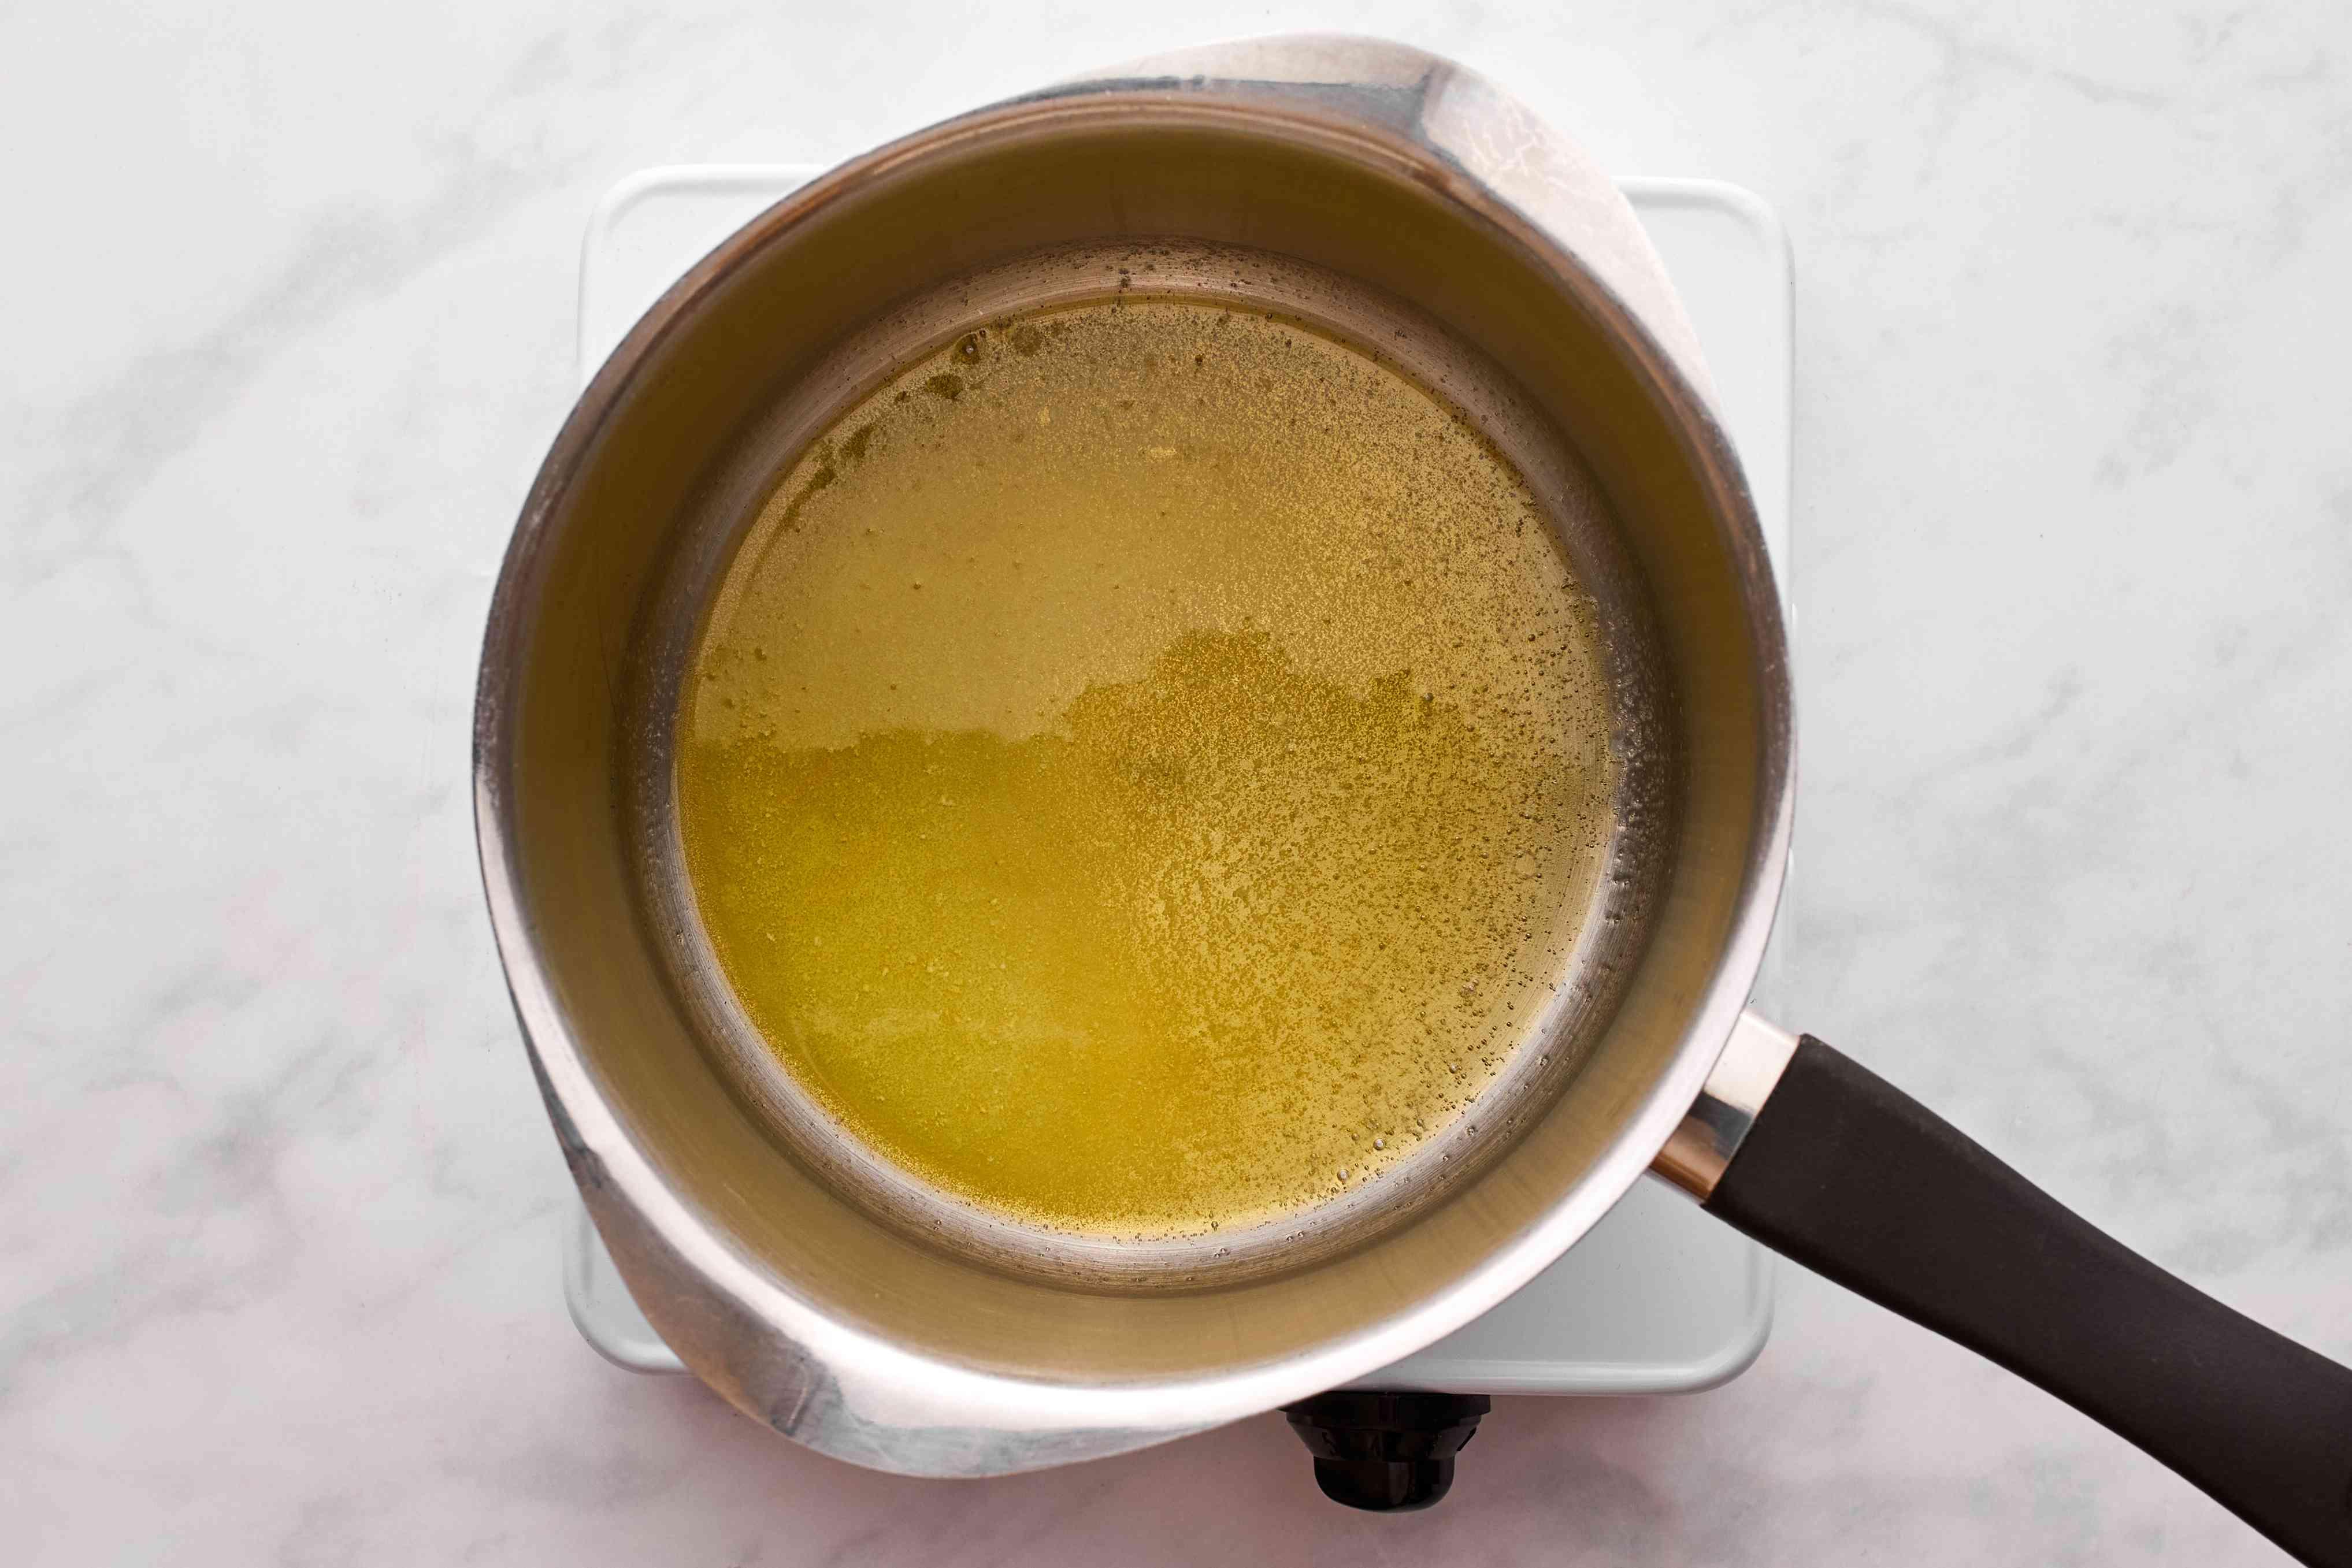 In a medium saucepan, melt butter